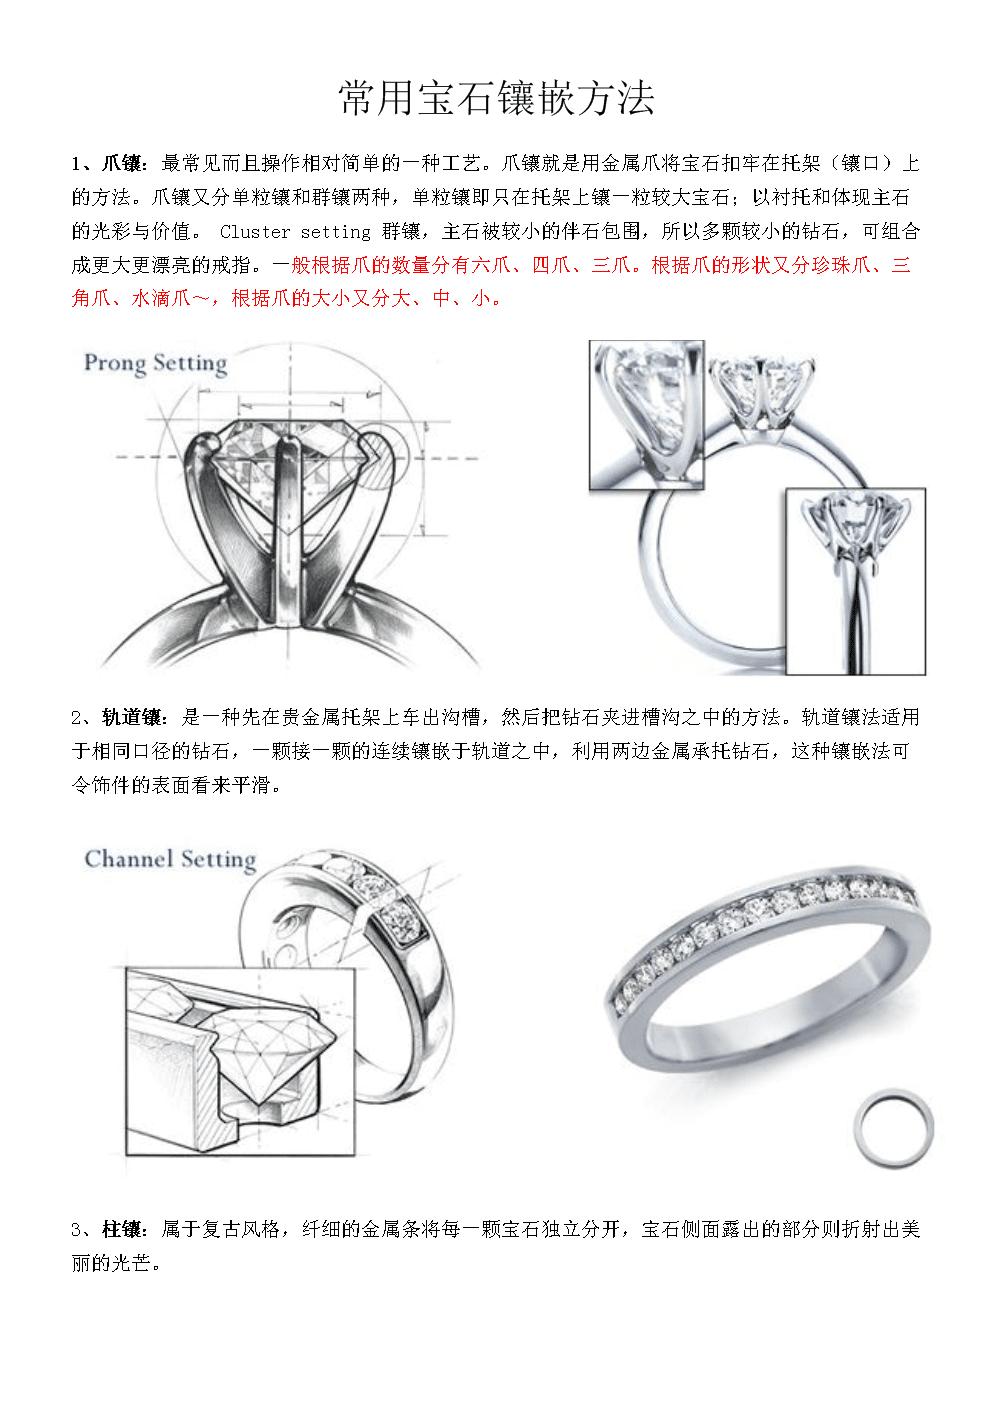 常用宝石镶嵌方法图解.doc